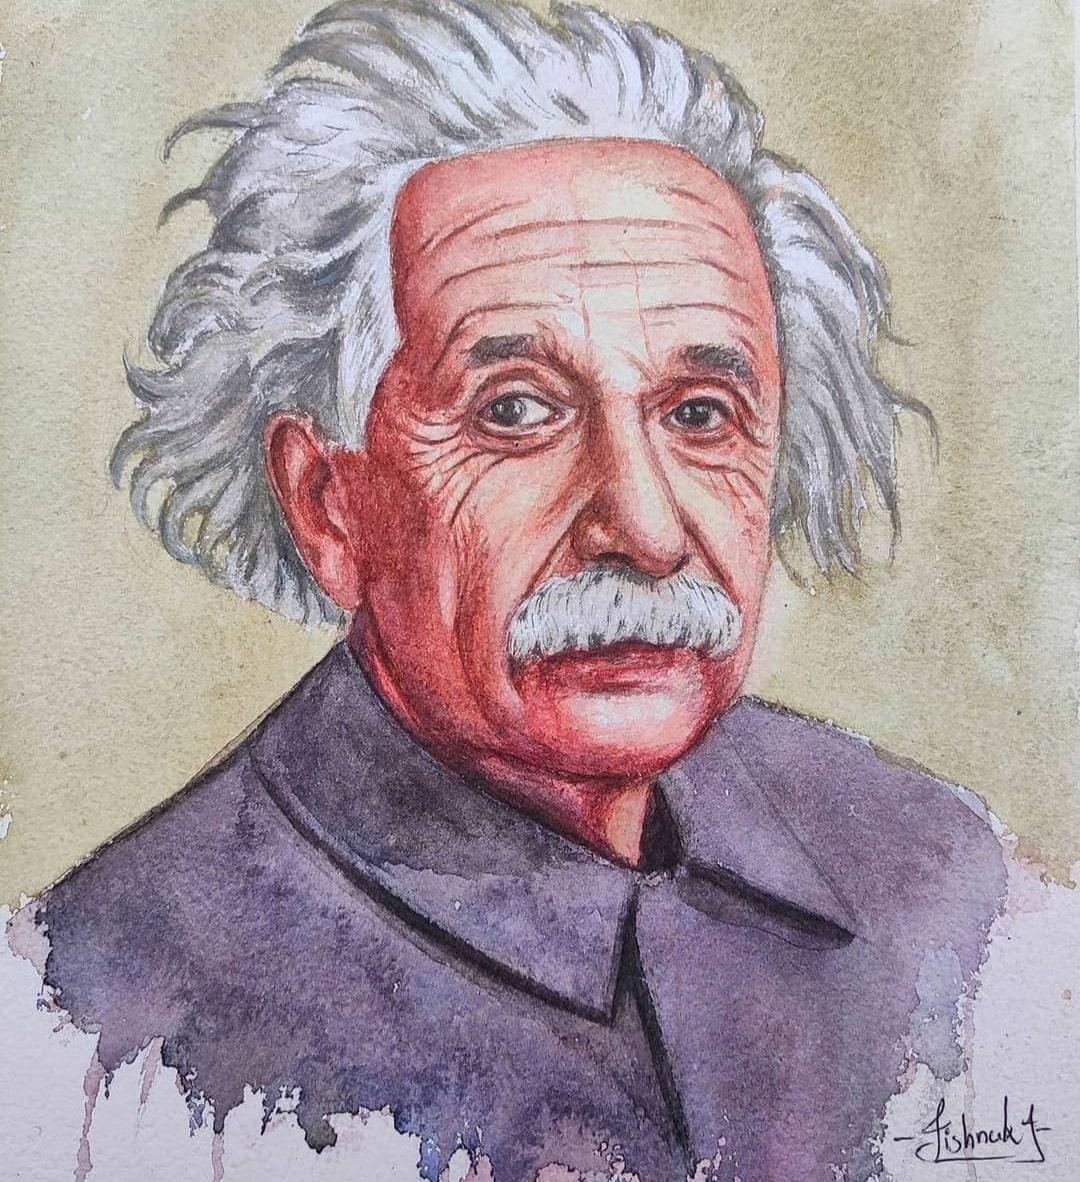 Albert Einstein'dan Ne Öğrenebiliriz?